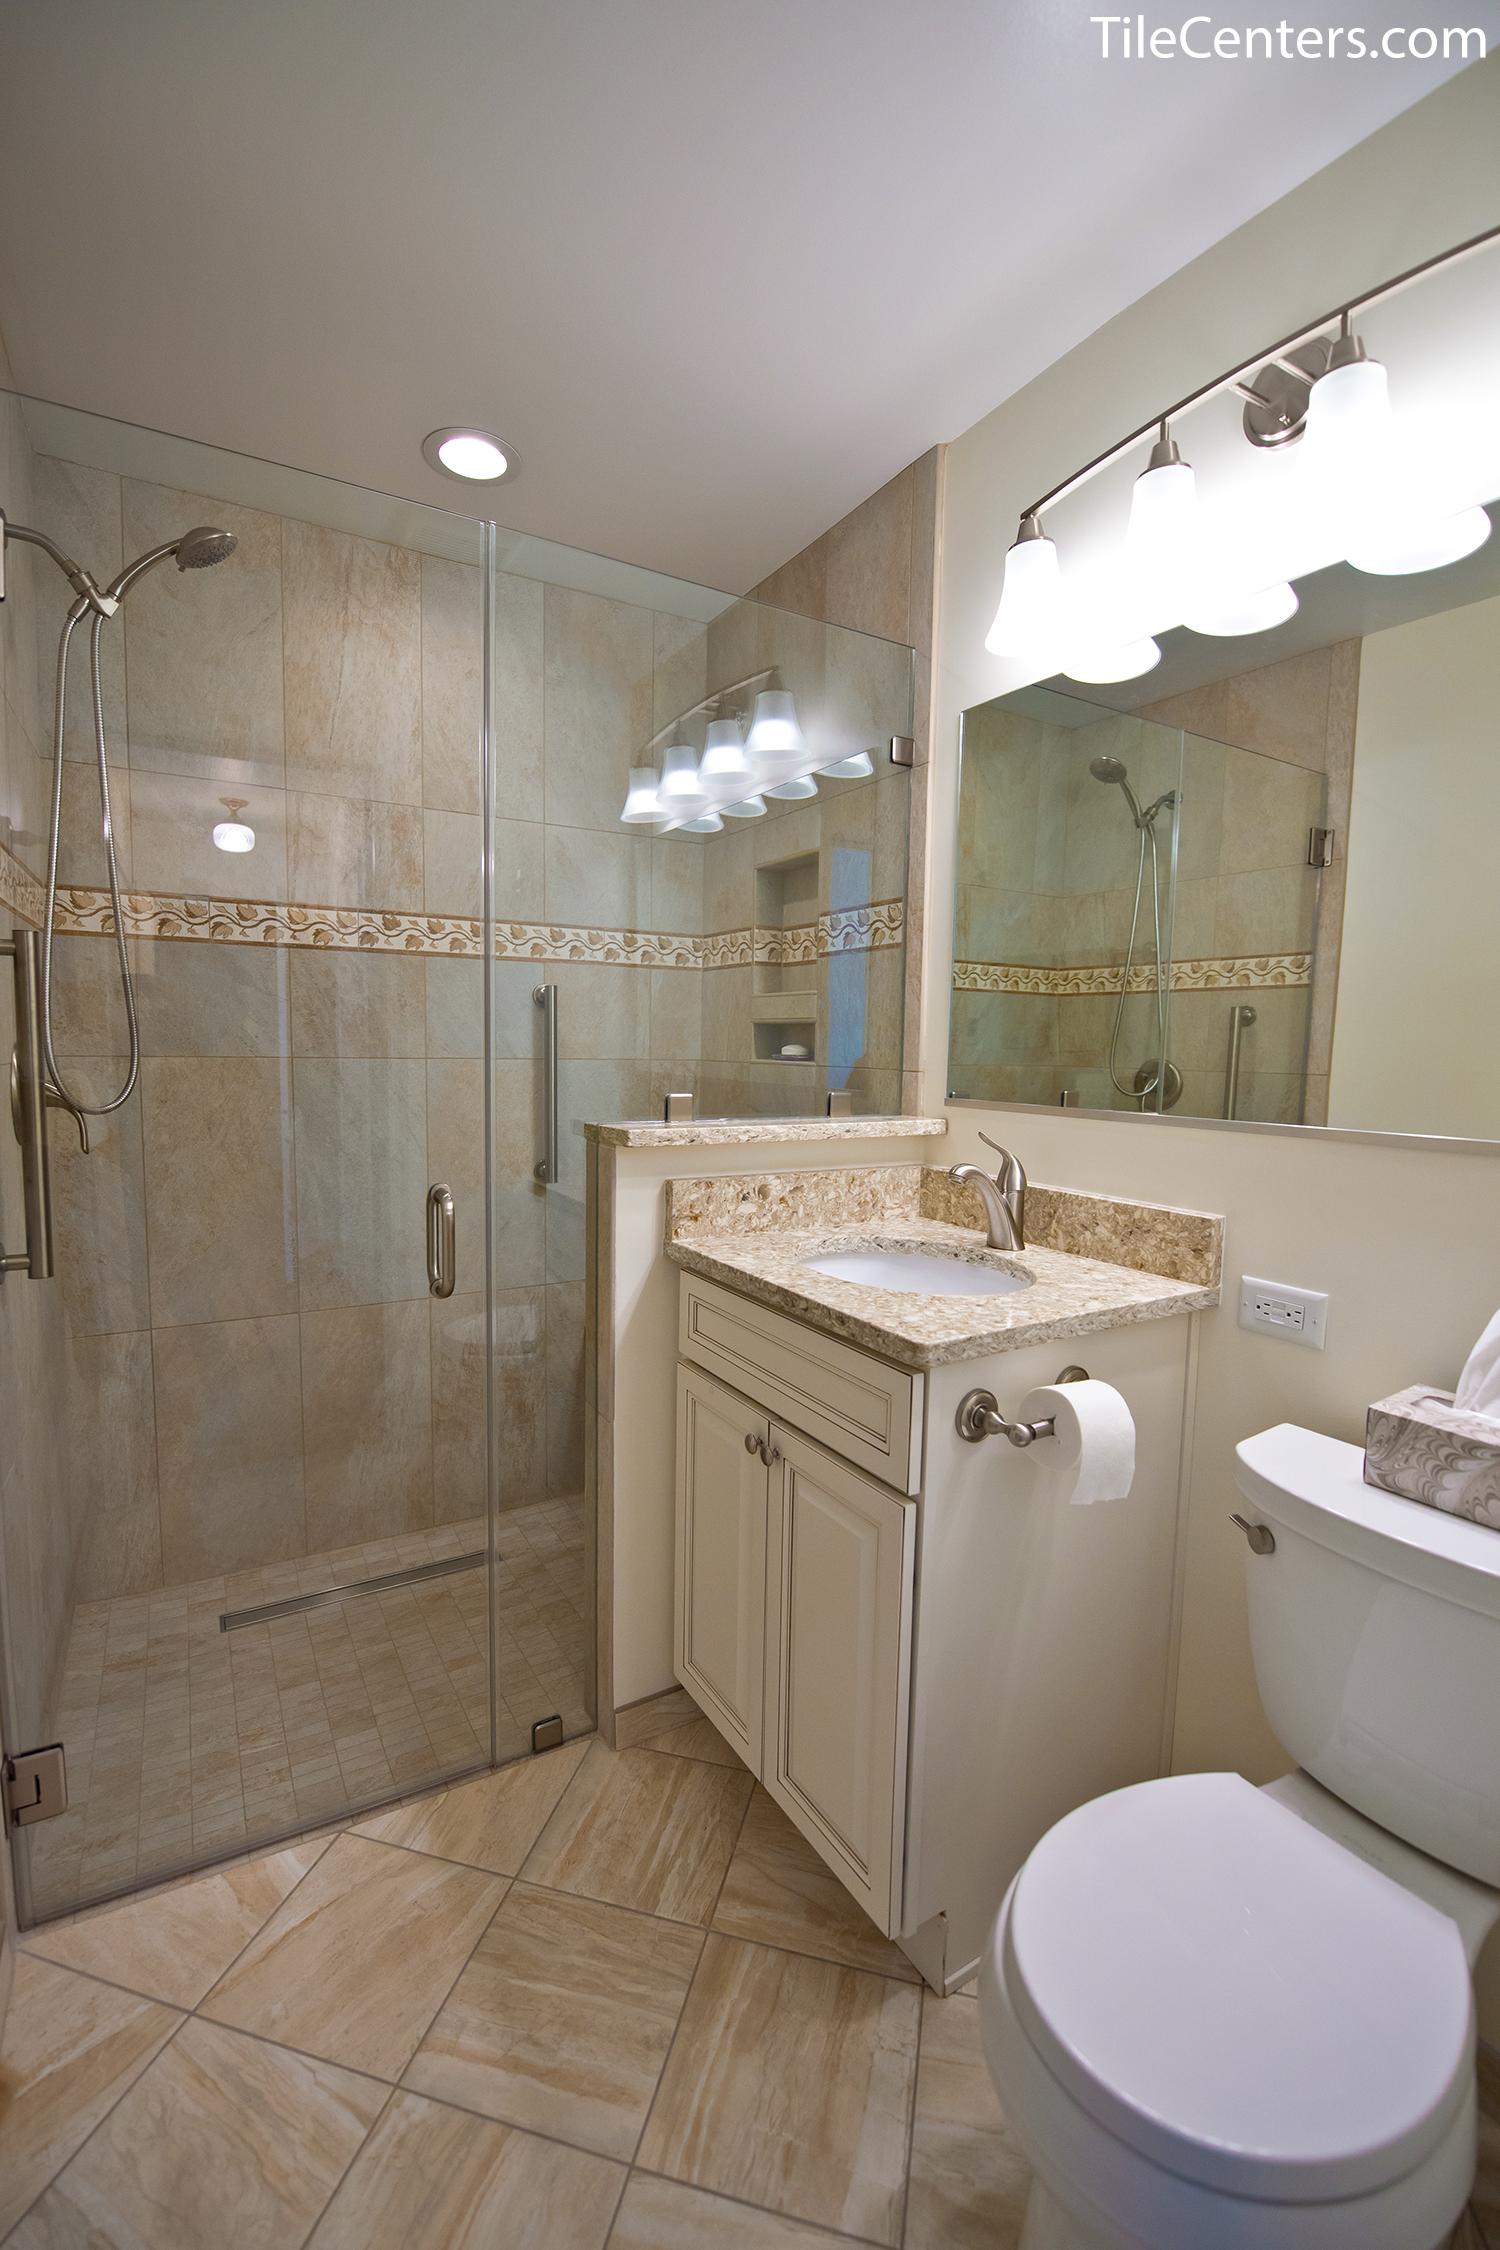 Bathroom Remodel Wye Oak Dr Gaithersburg Md 20878